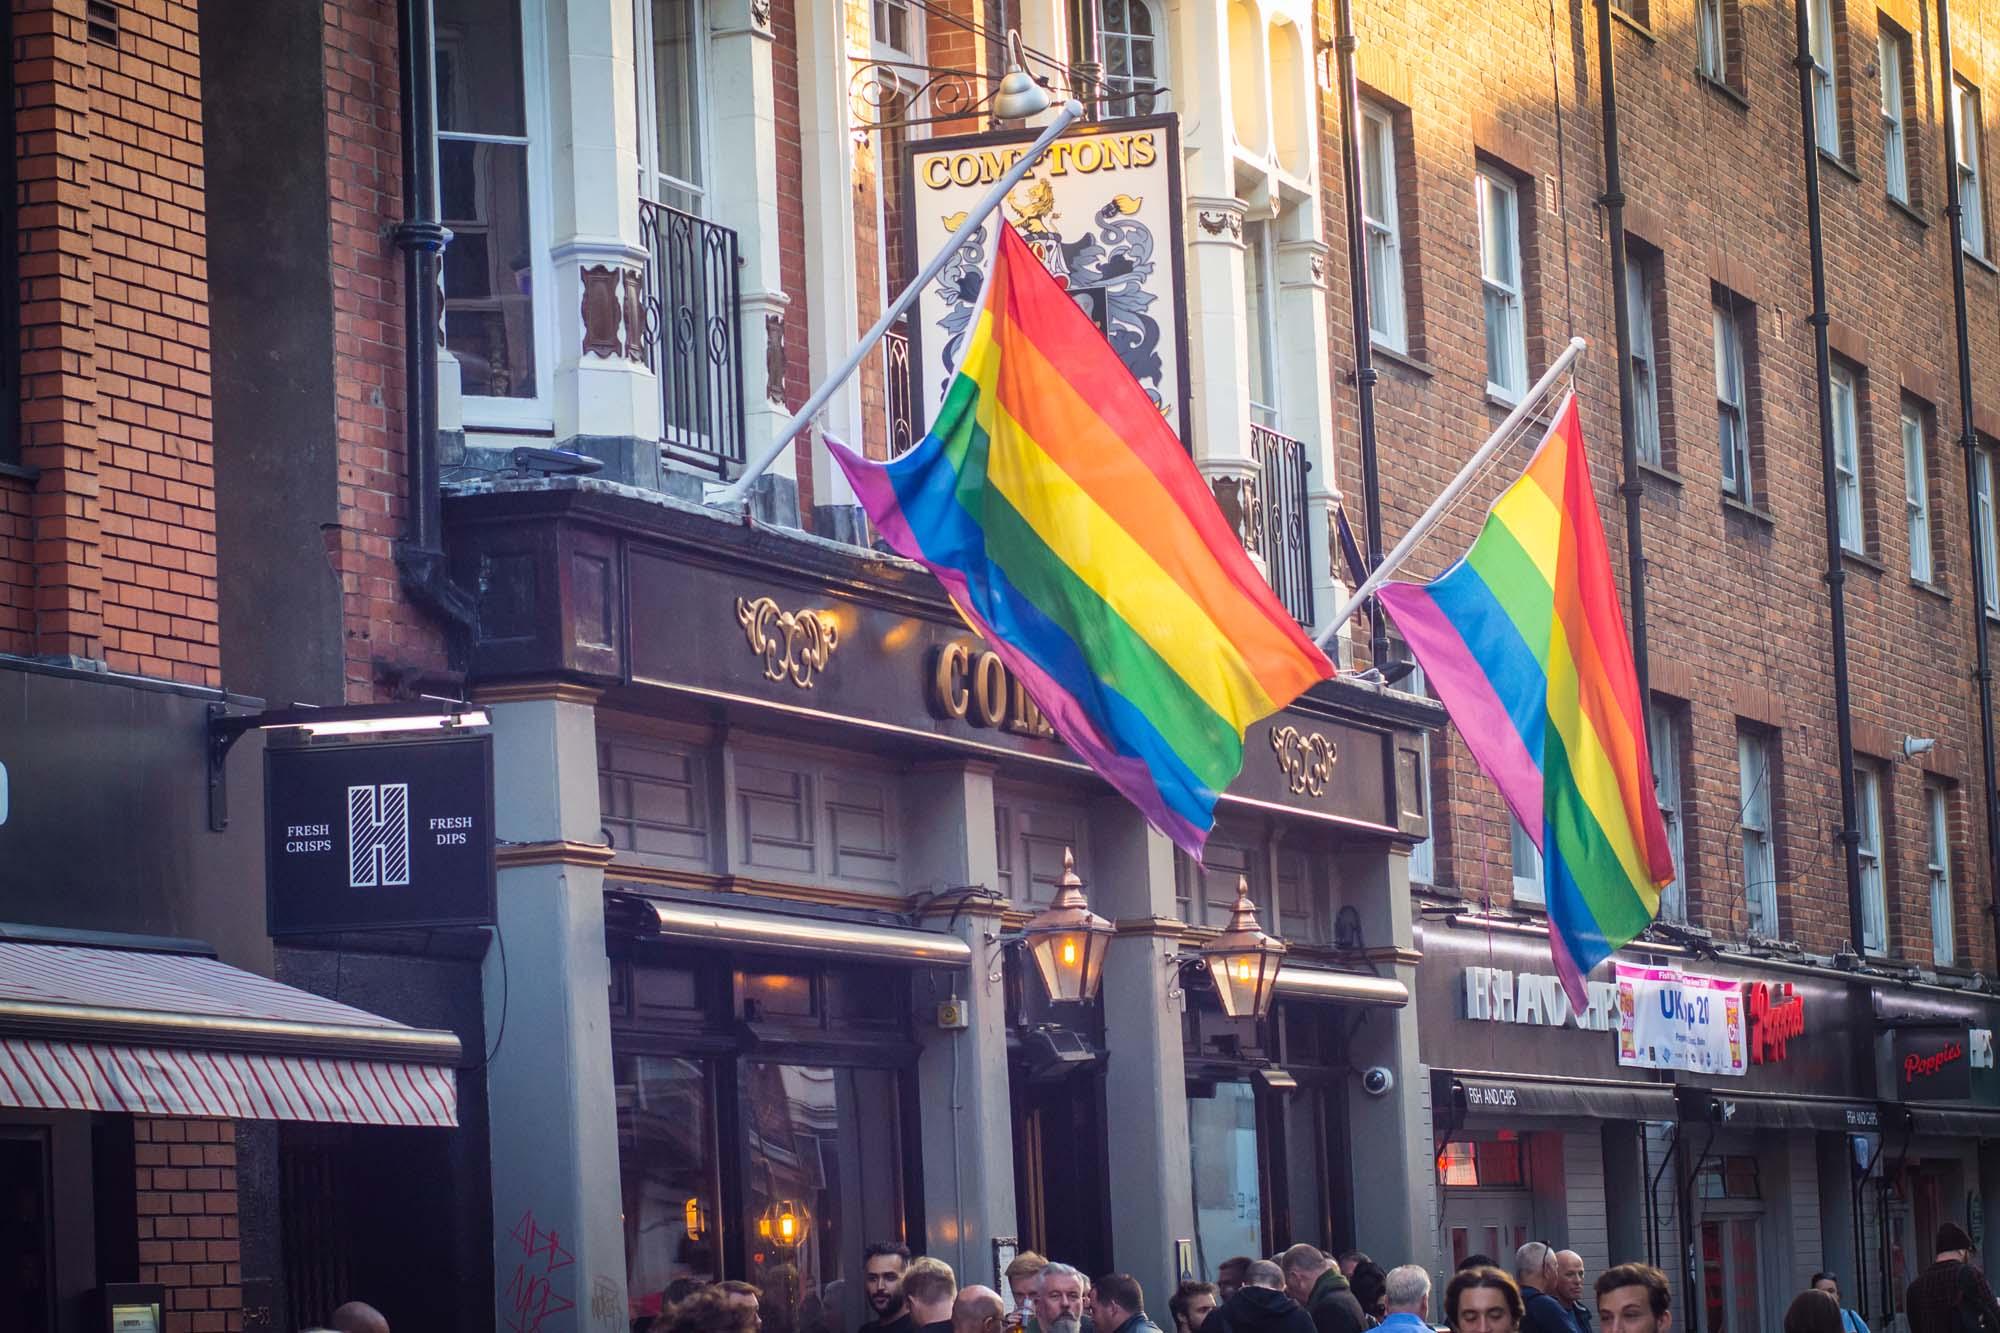 Anecdota Porno Gay por qué los barrios gays ya no son lo que eran - la nacion